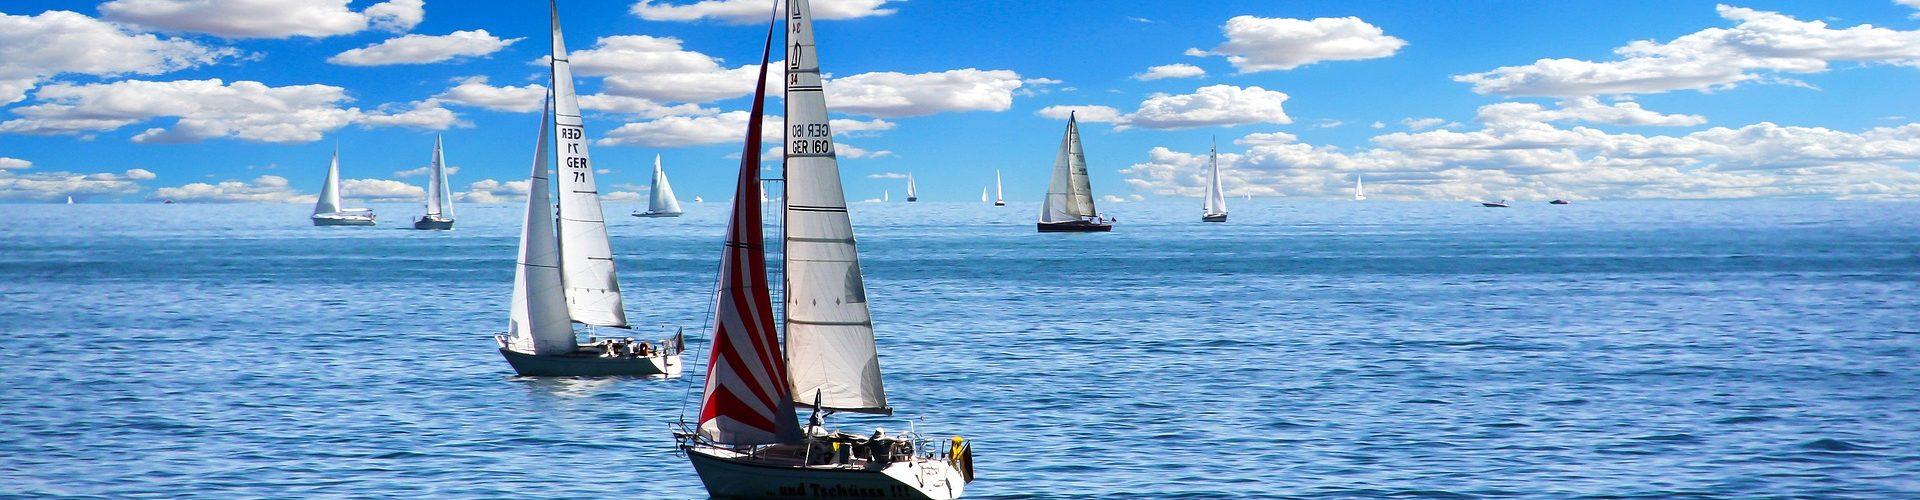 segeln lernen in Varel Seghorn segelschein machen in Varel Seghorn 1920x500 - Segeln lernen in Varel Seghorn